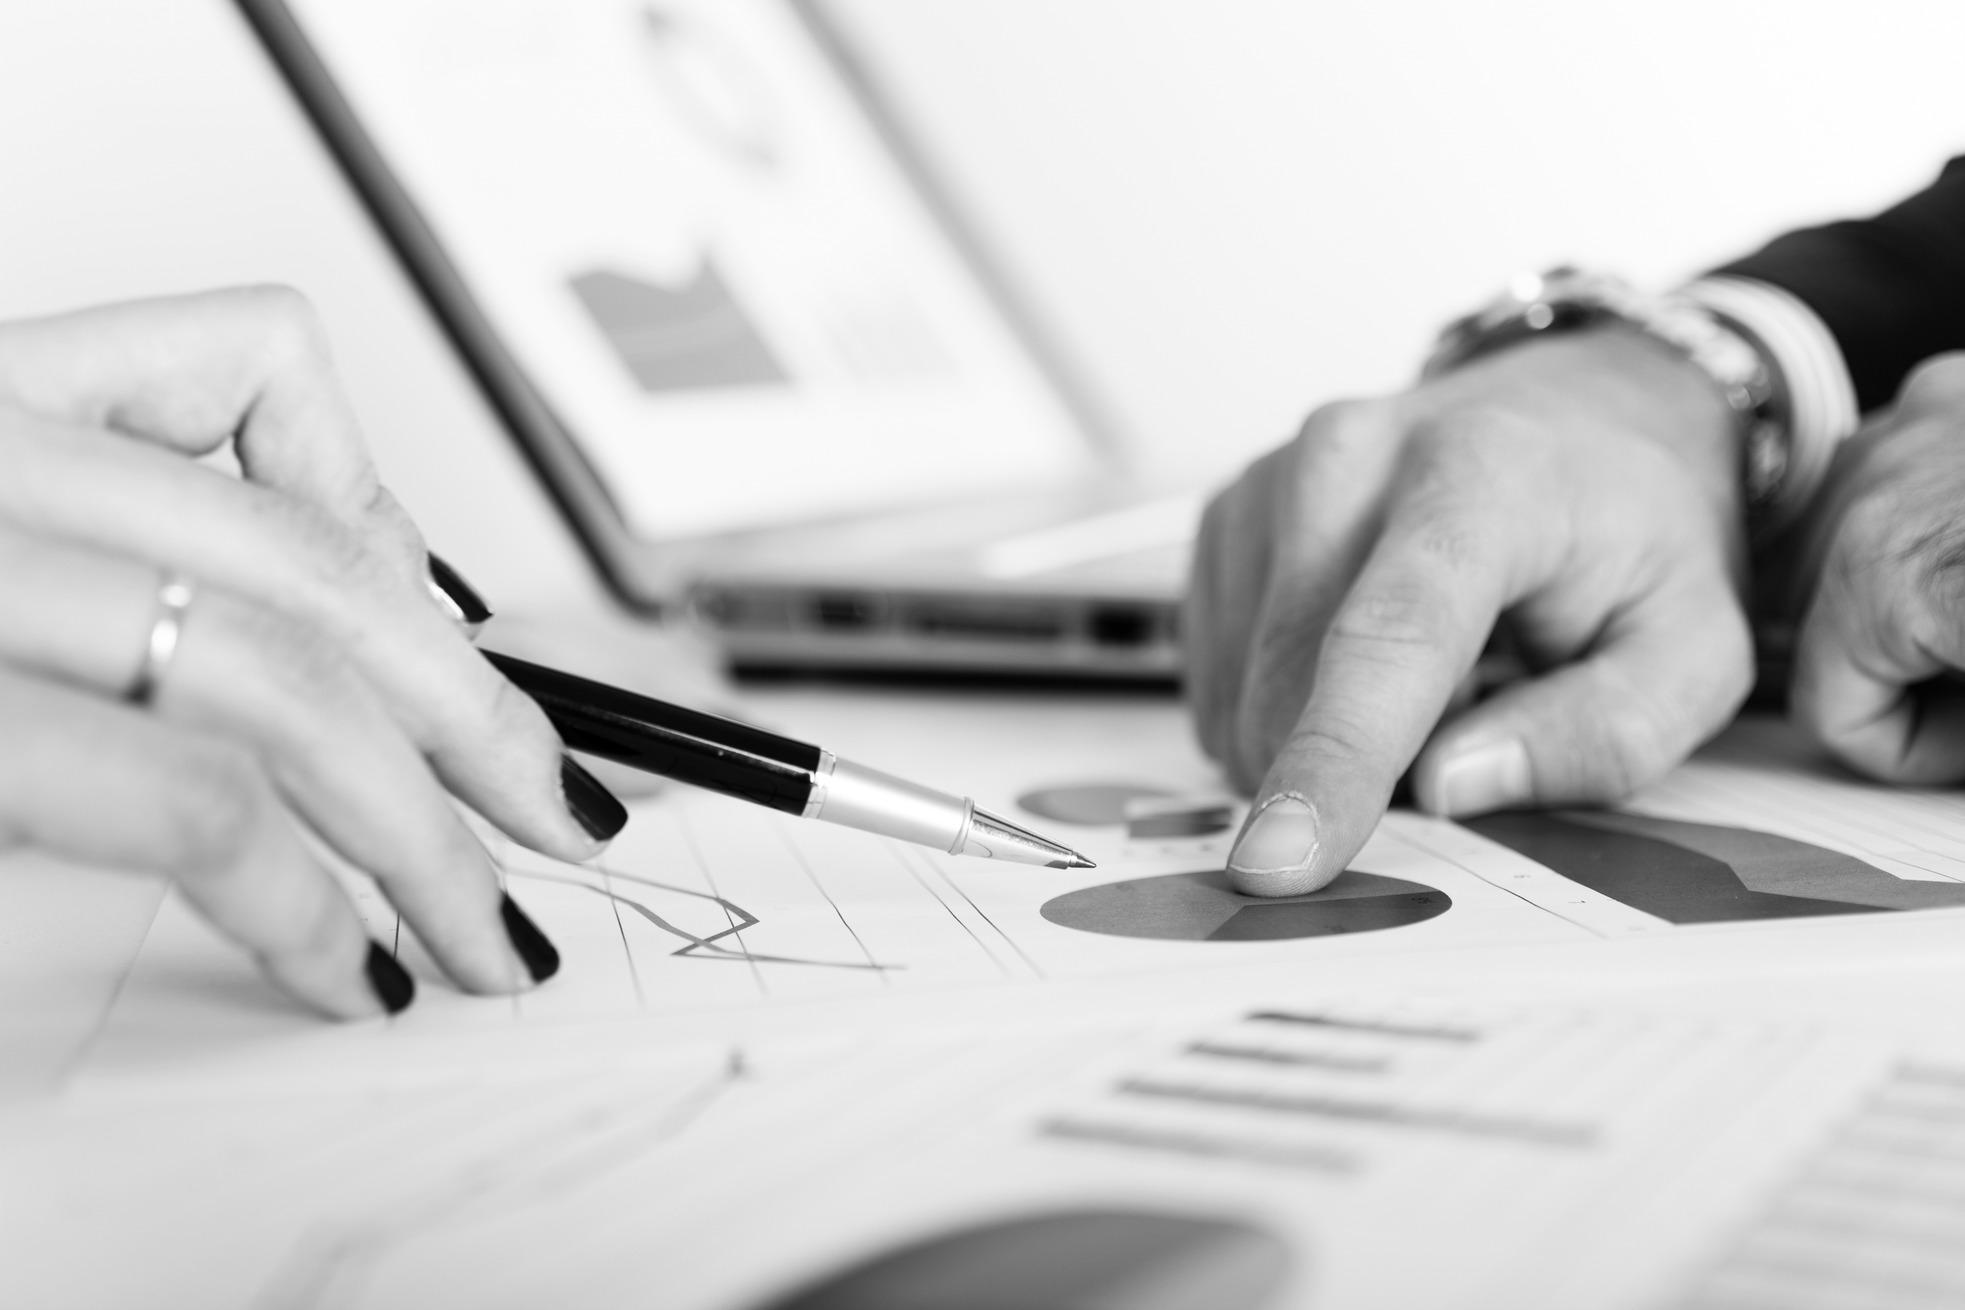 Właściwość urzędów skarbowych i izb administracji skarbowej w zakresie akcyzy – Nowy rachunek bankowy dla akcyzy